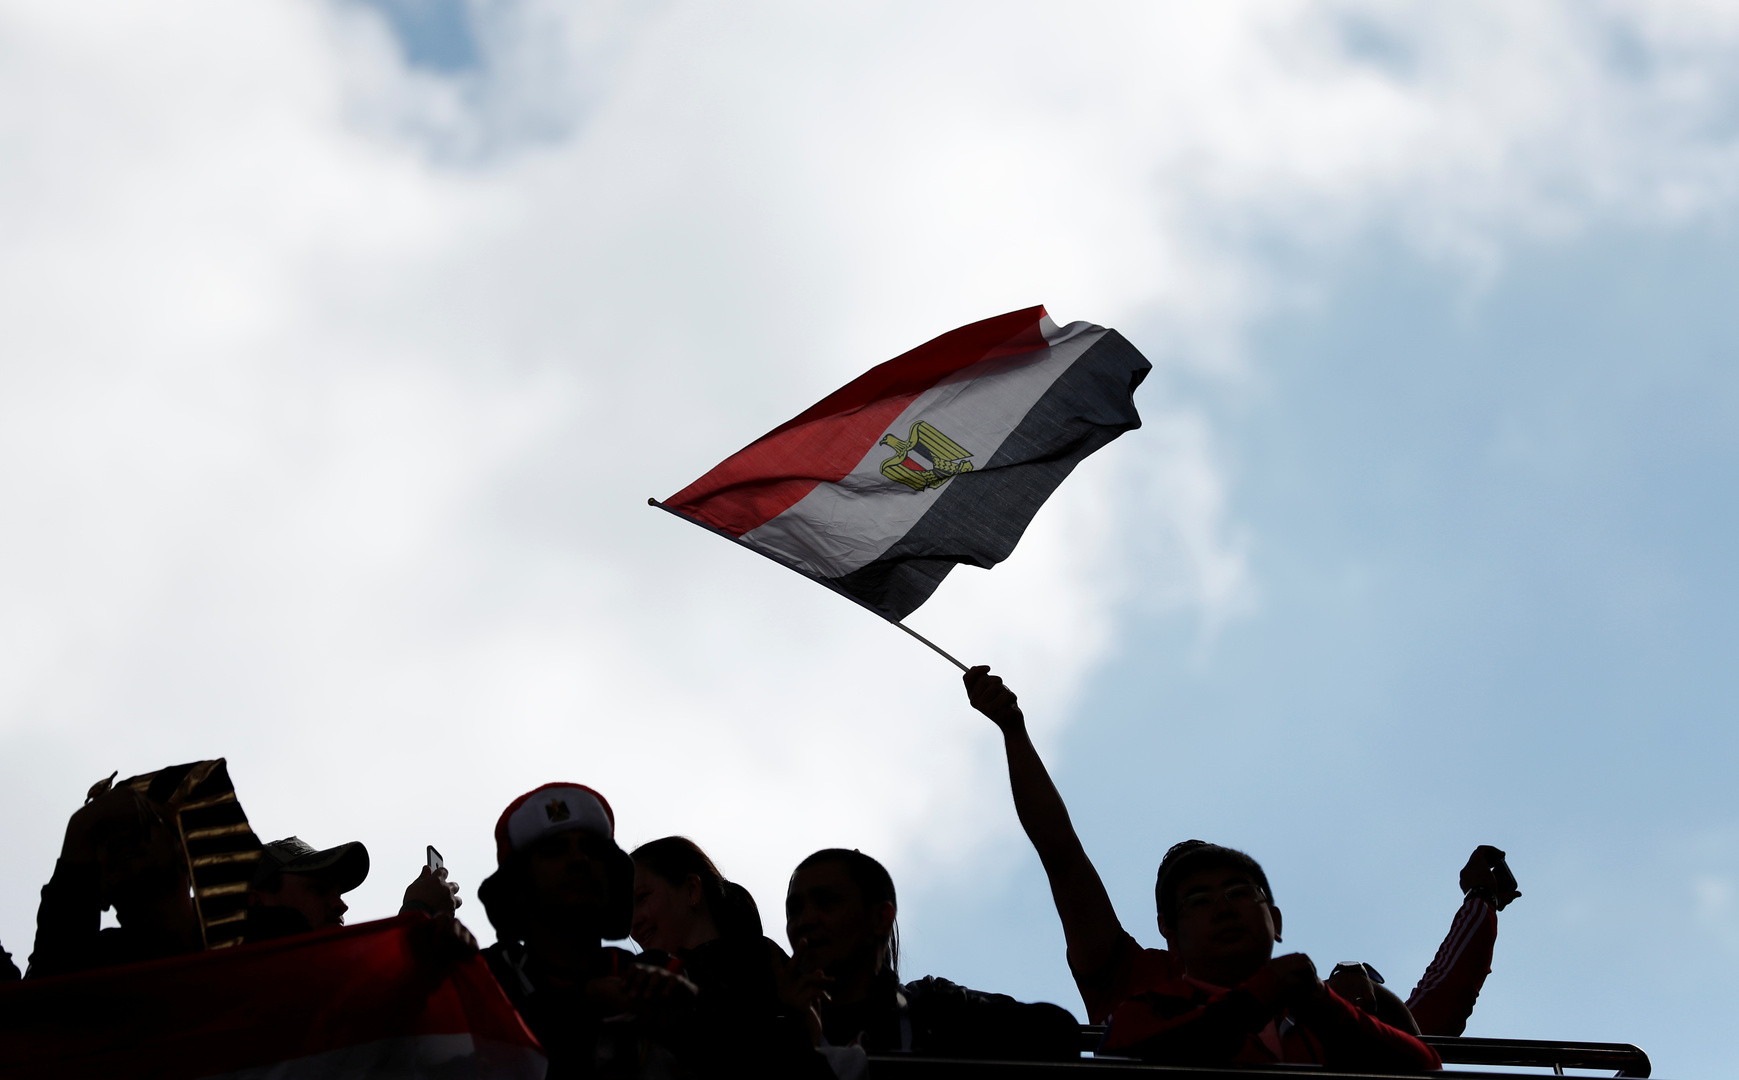 تحذير للصيادين للمصريين من اختراق مياه إريتريا